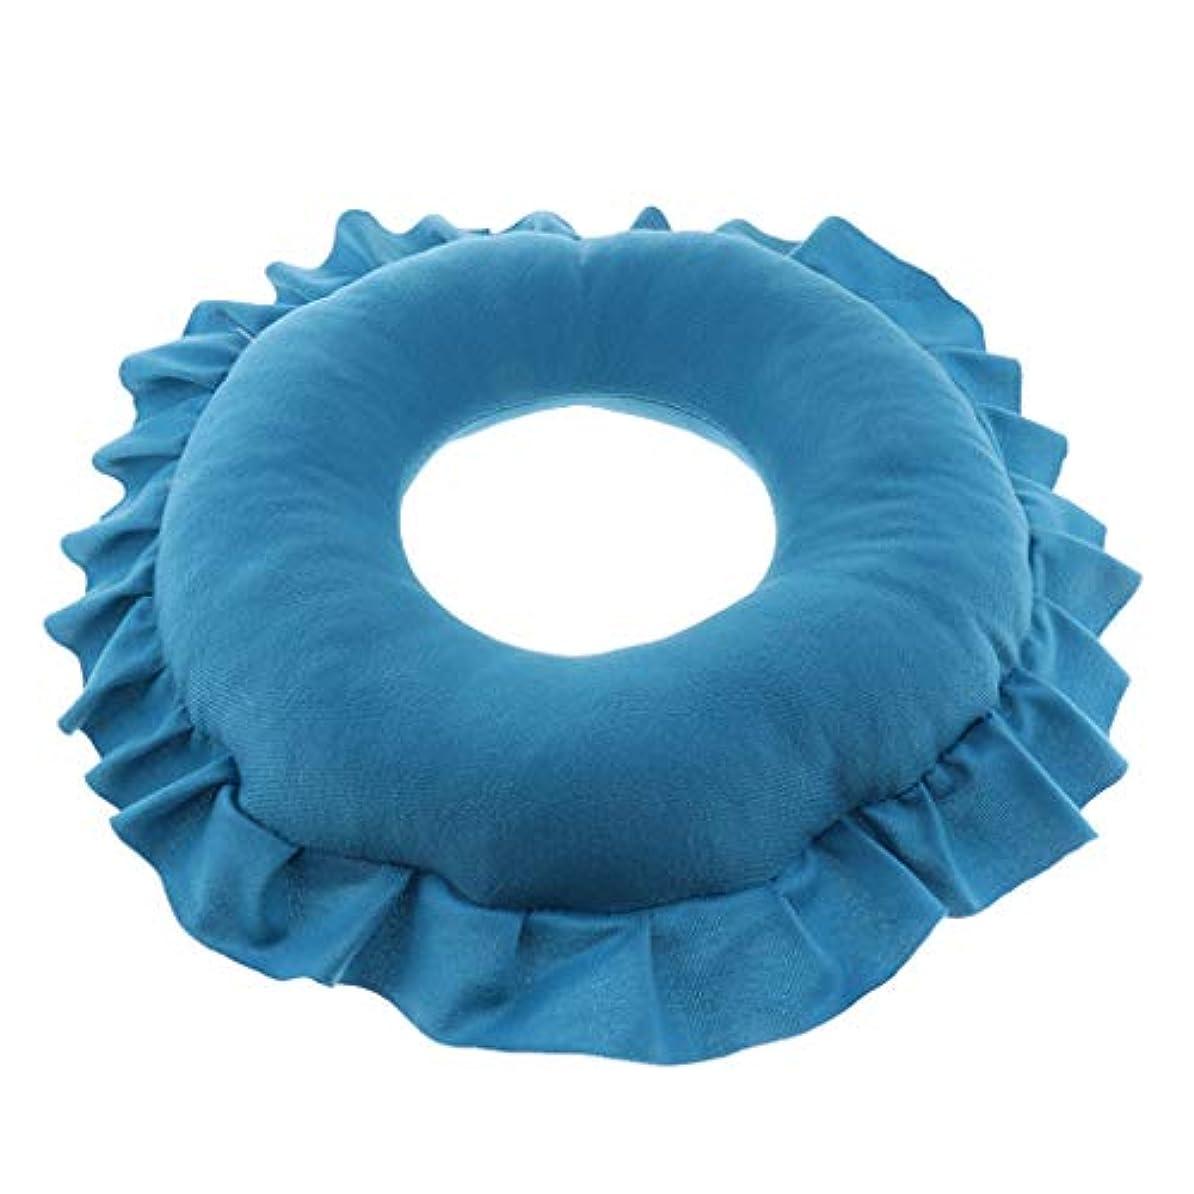 国前部説得P Prettyia 顔マク フェイスマット マッサージ枕 顔枕 ラウンド 直径30cm 洗える 柔らかい 快適 全4色 - 青